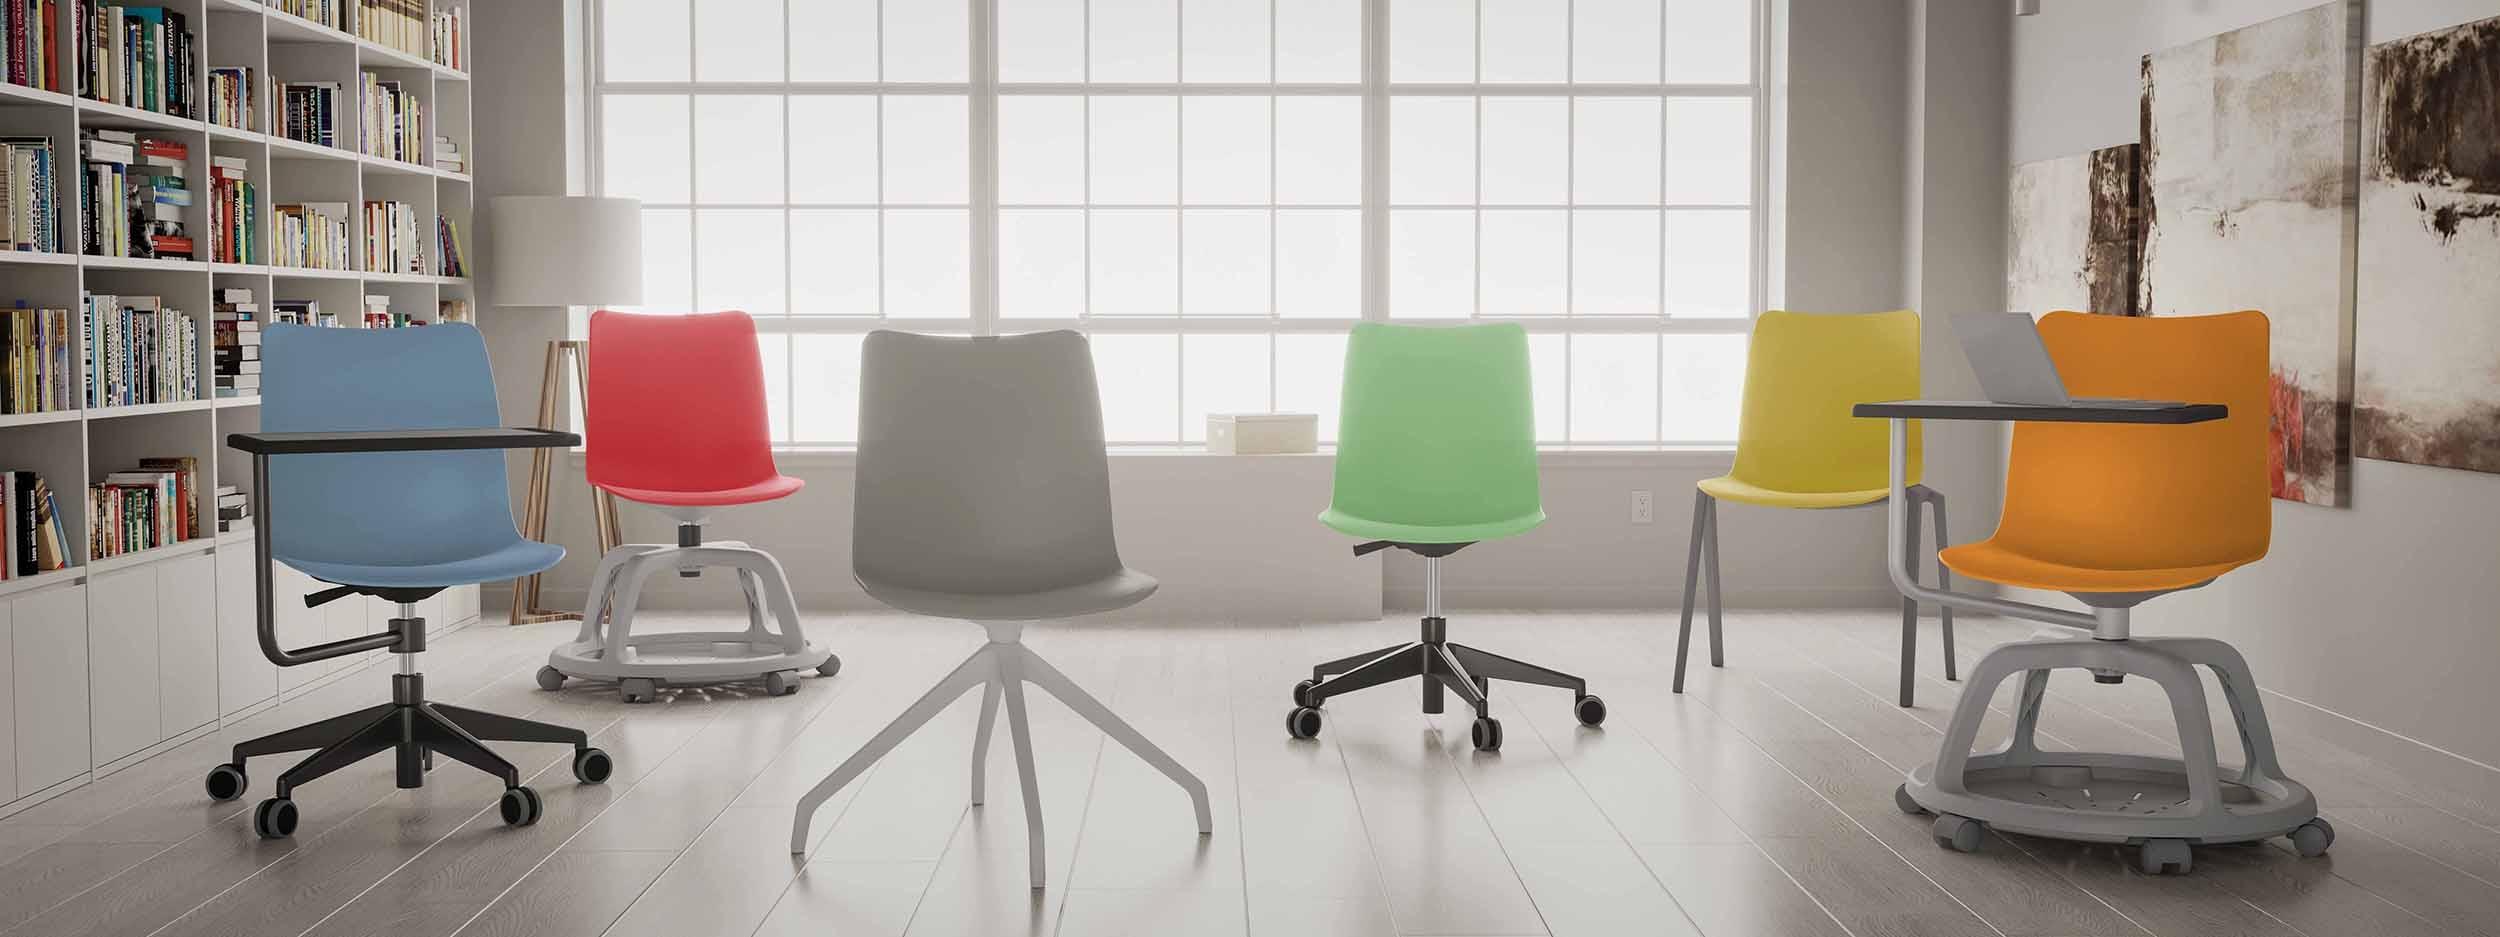 scaune scolar elev pentru clasa